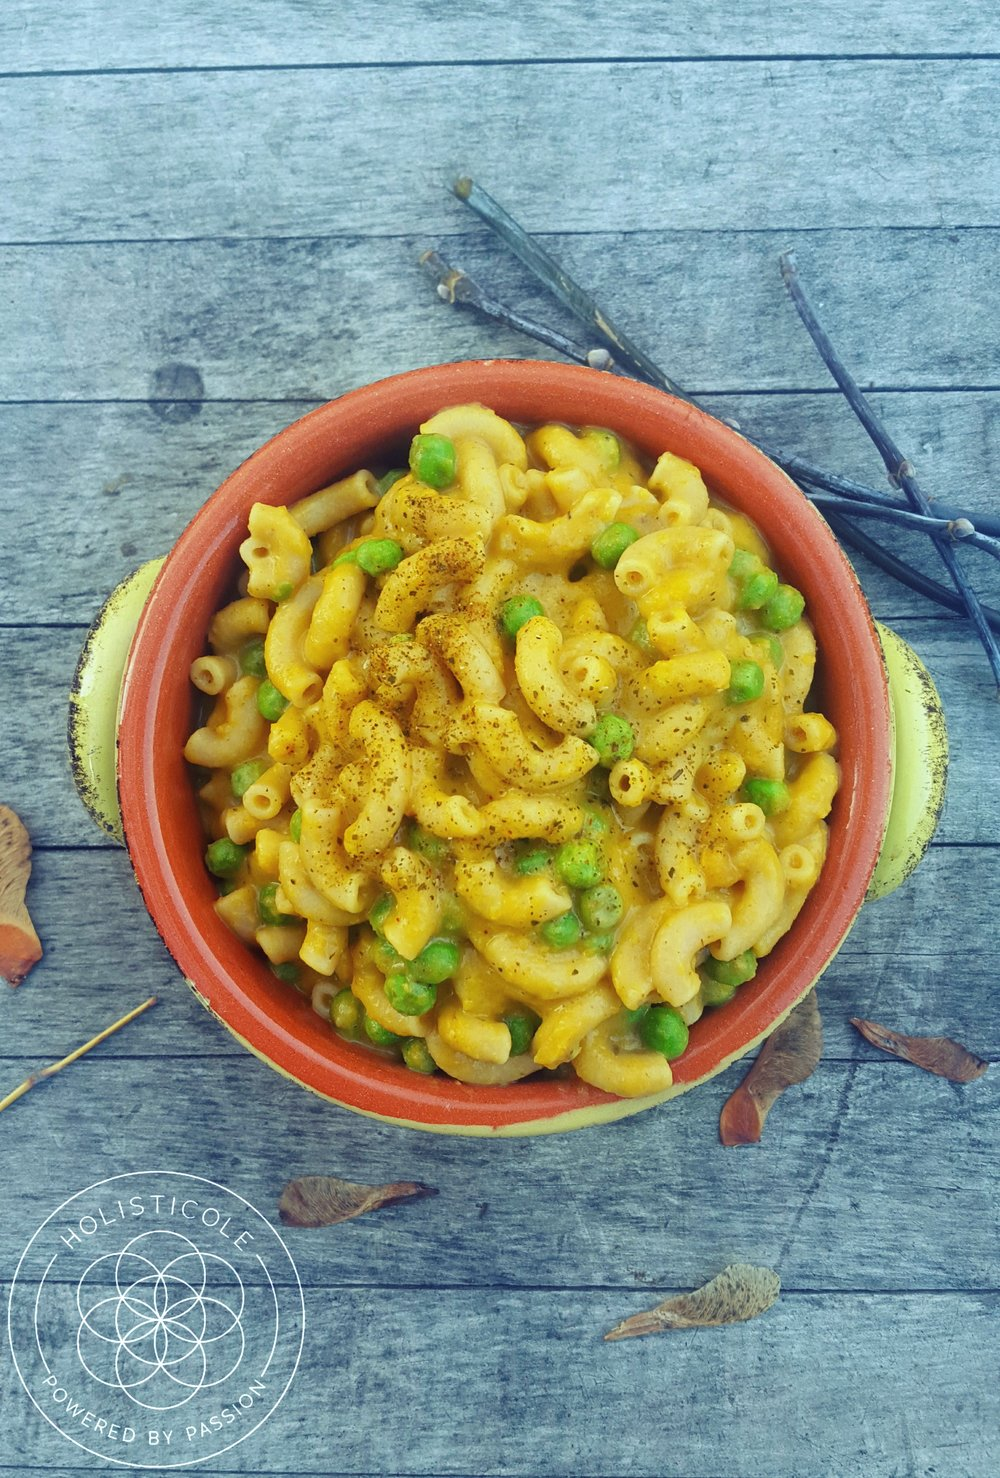 Holisticole - Butternut Macaroni